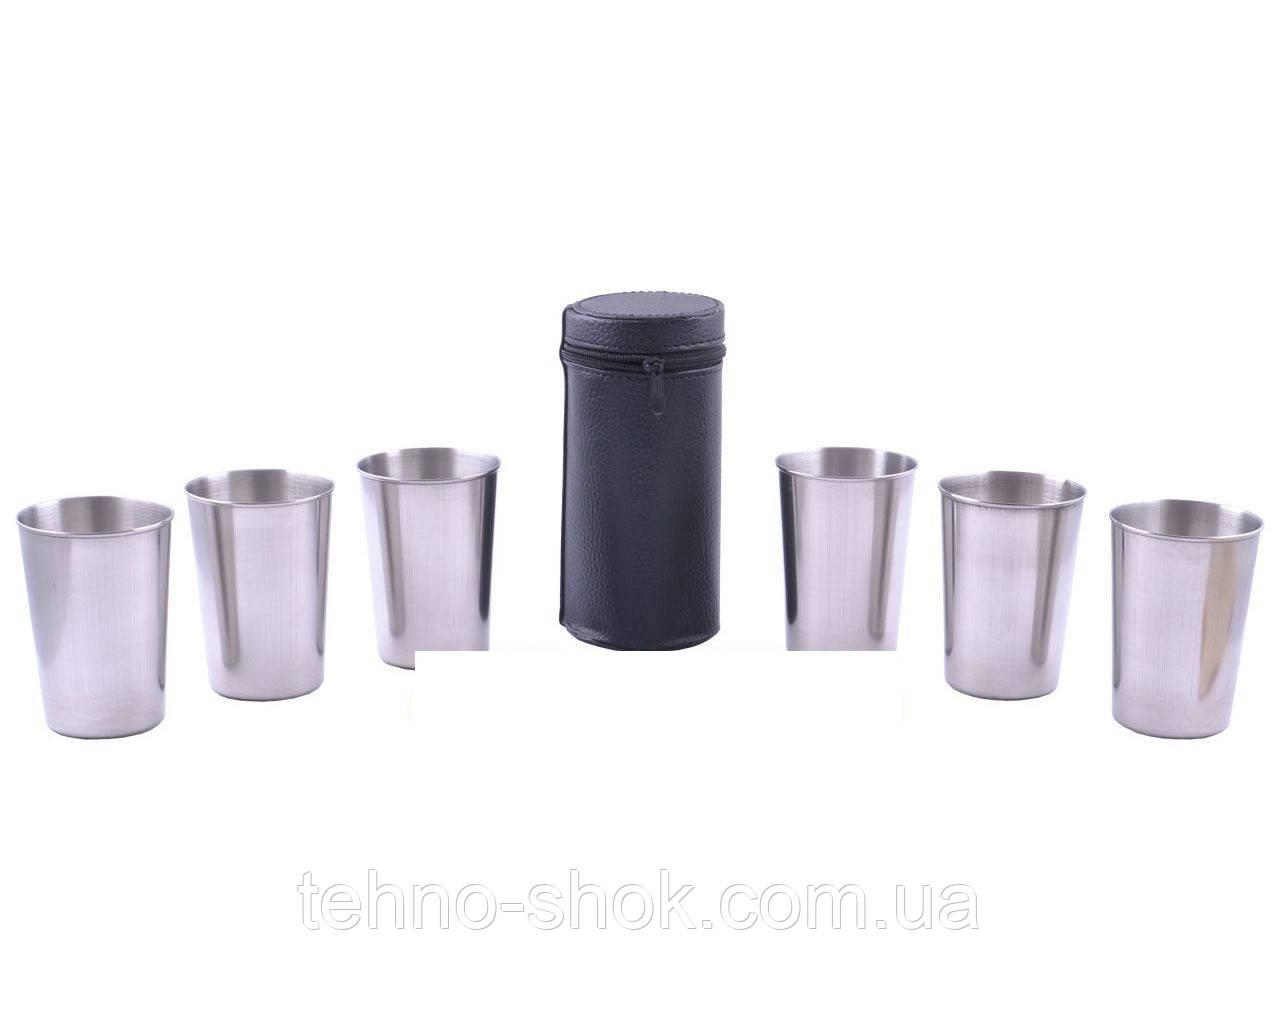 Походные рюмки из нержавеющей стали (6шт,150мл)